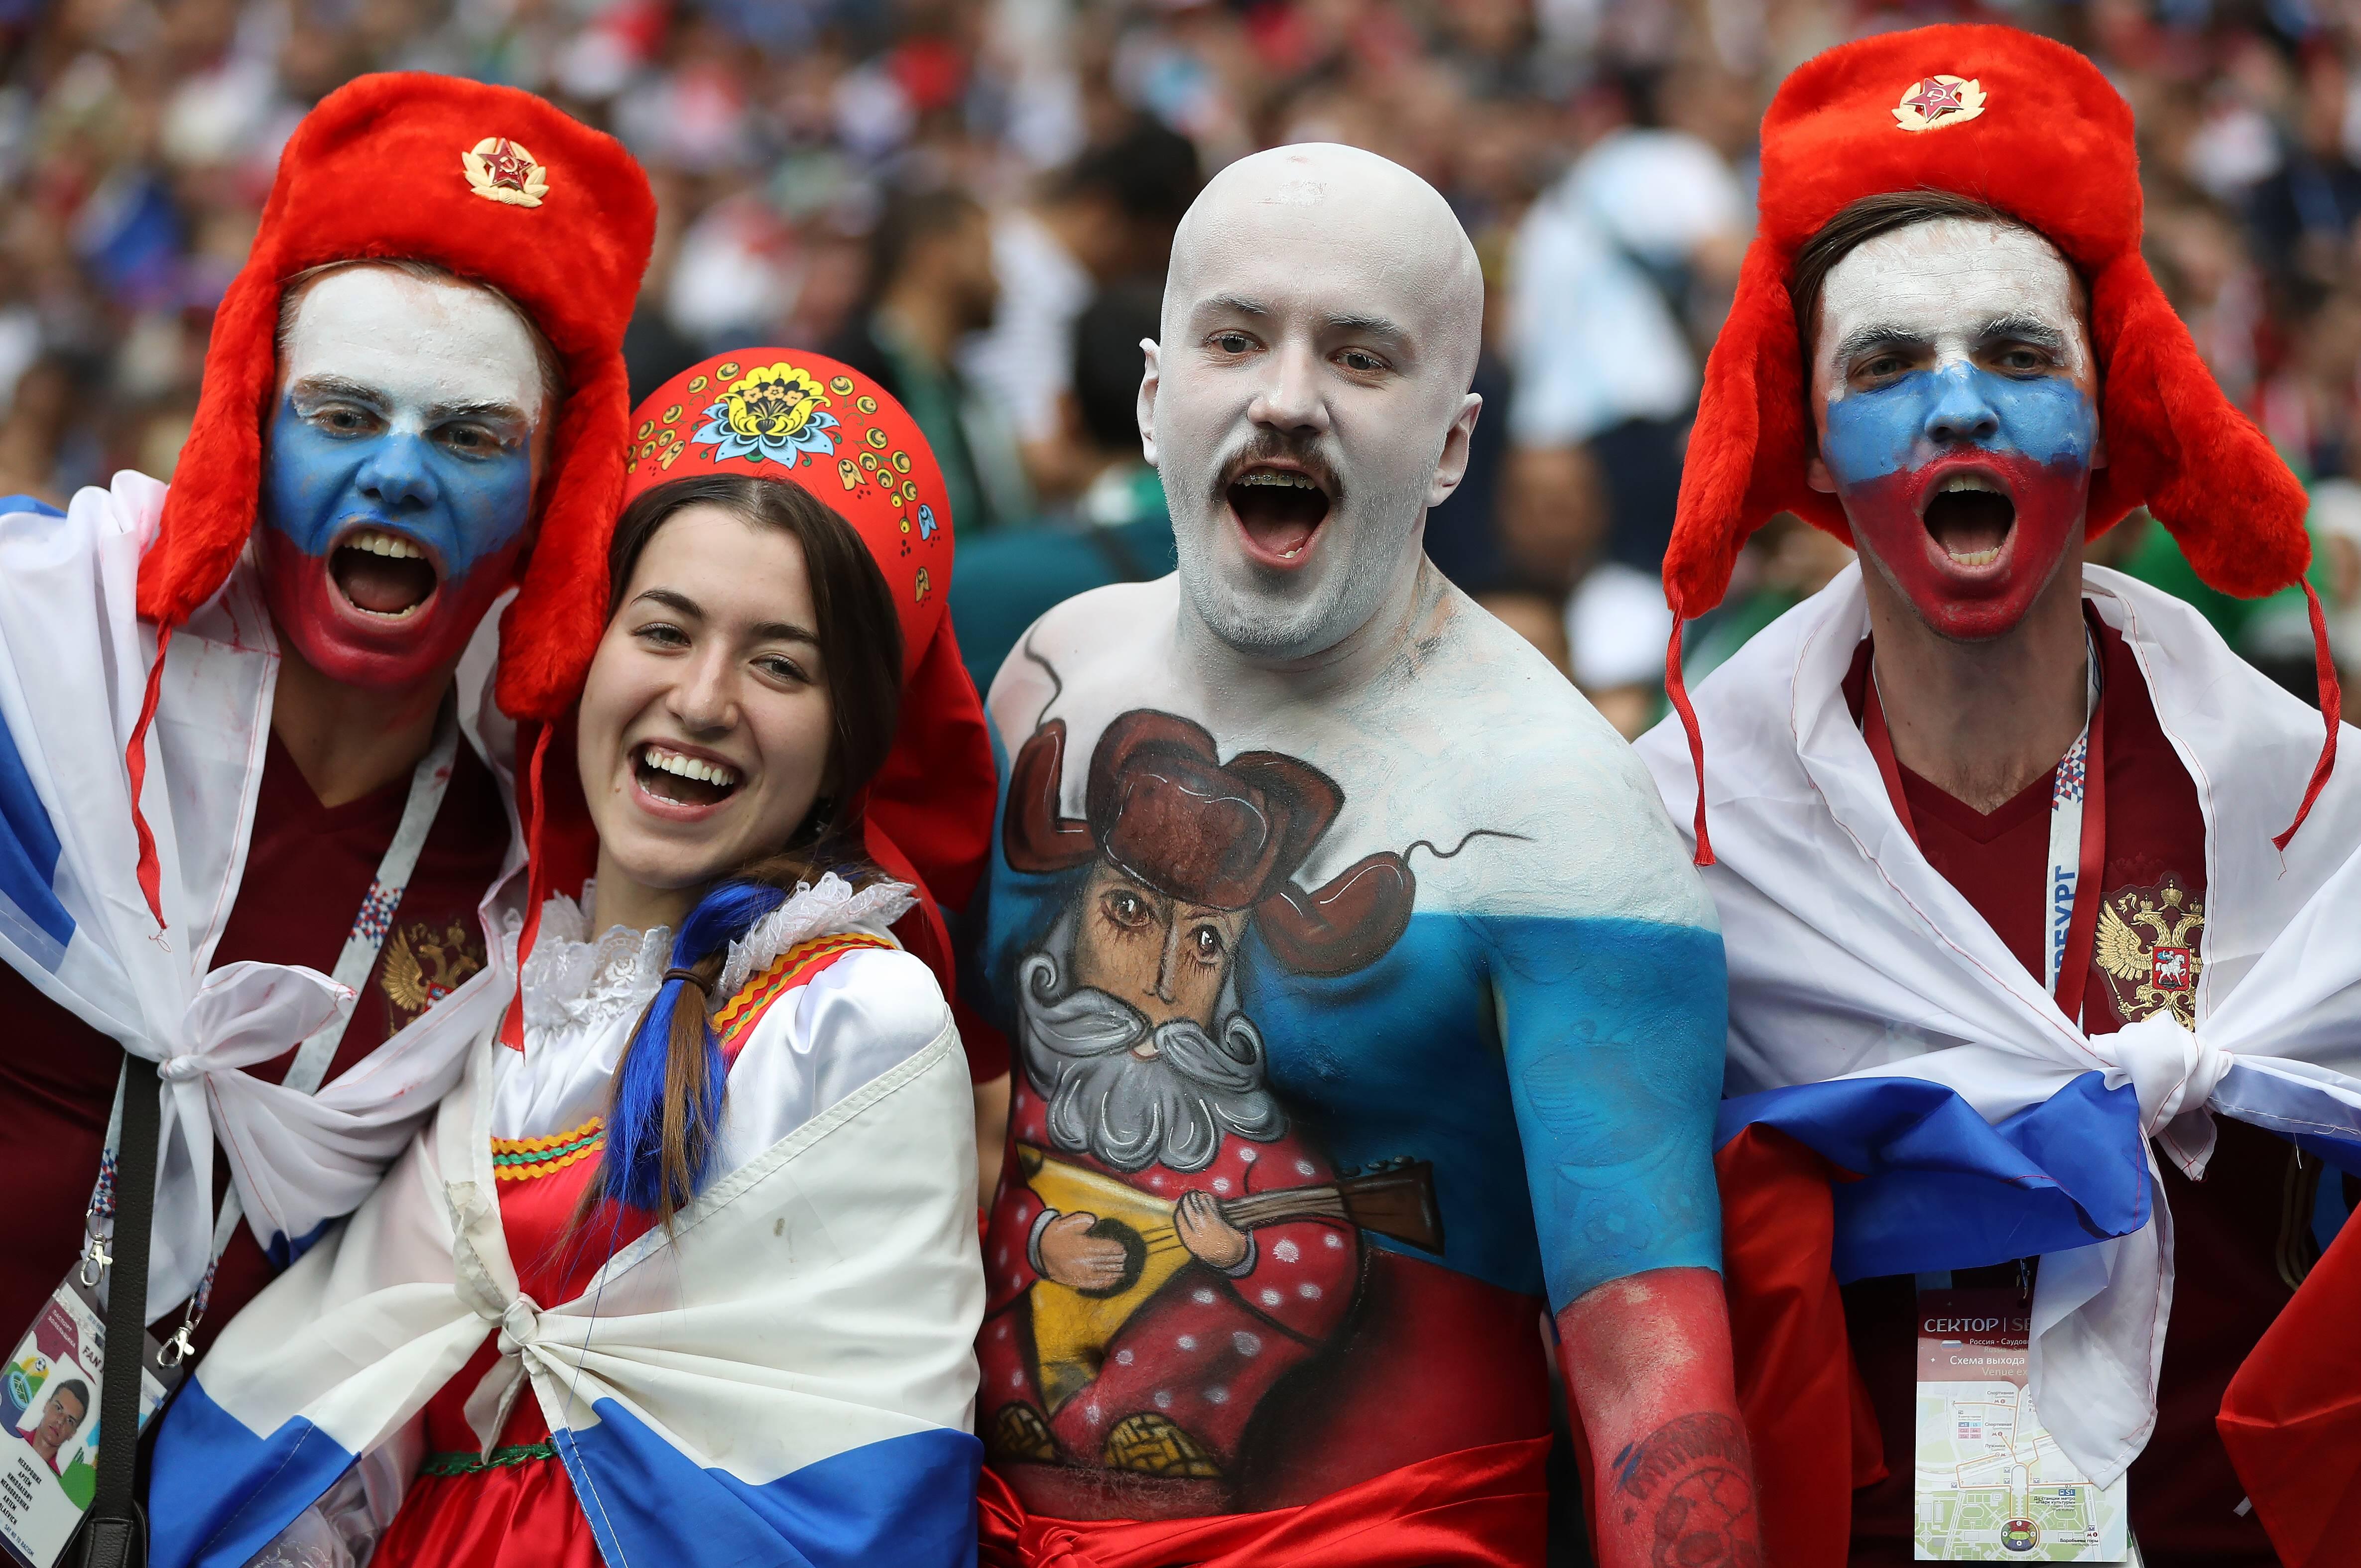 14 июня 2018 г. Москва. Россия - Саудовская Аравия - 5:0. Фото: globallookpress.com